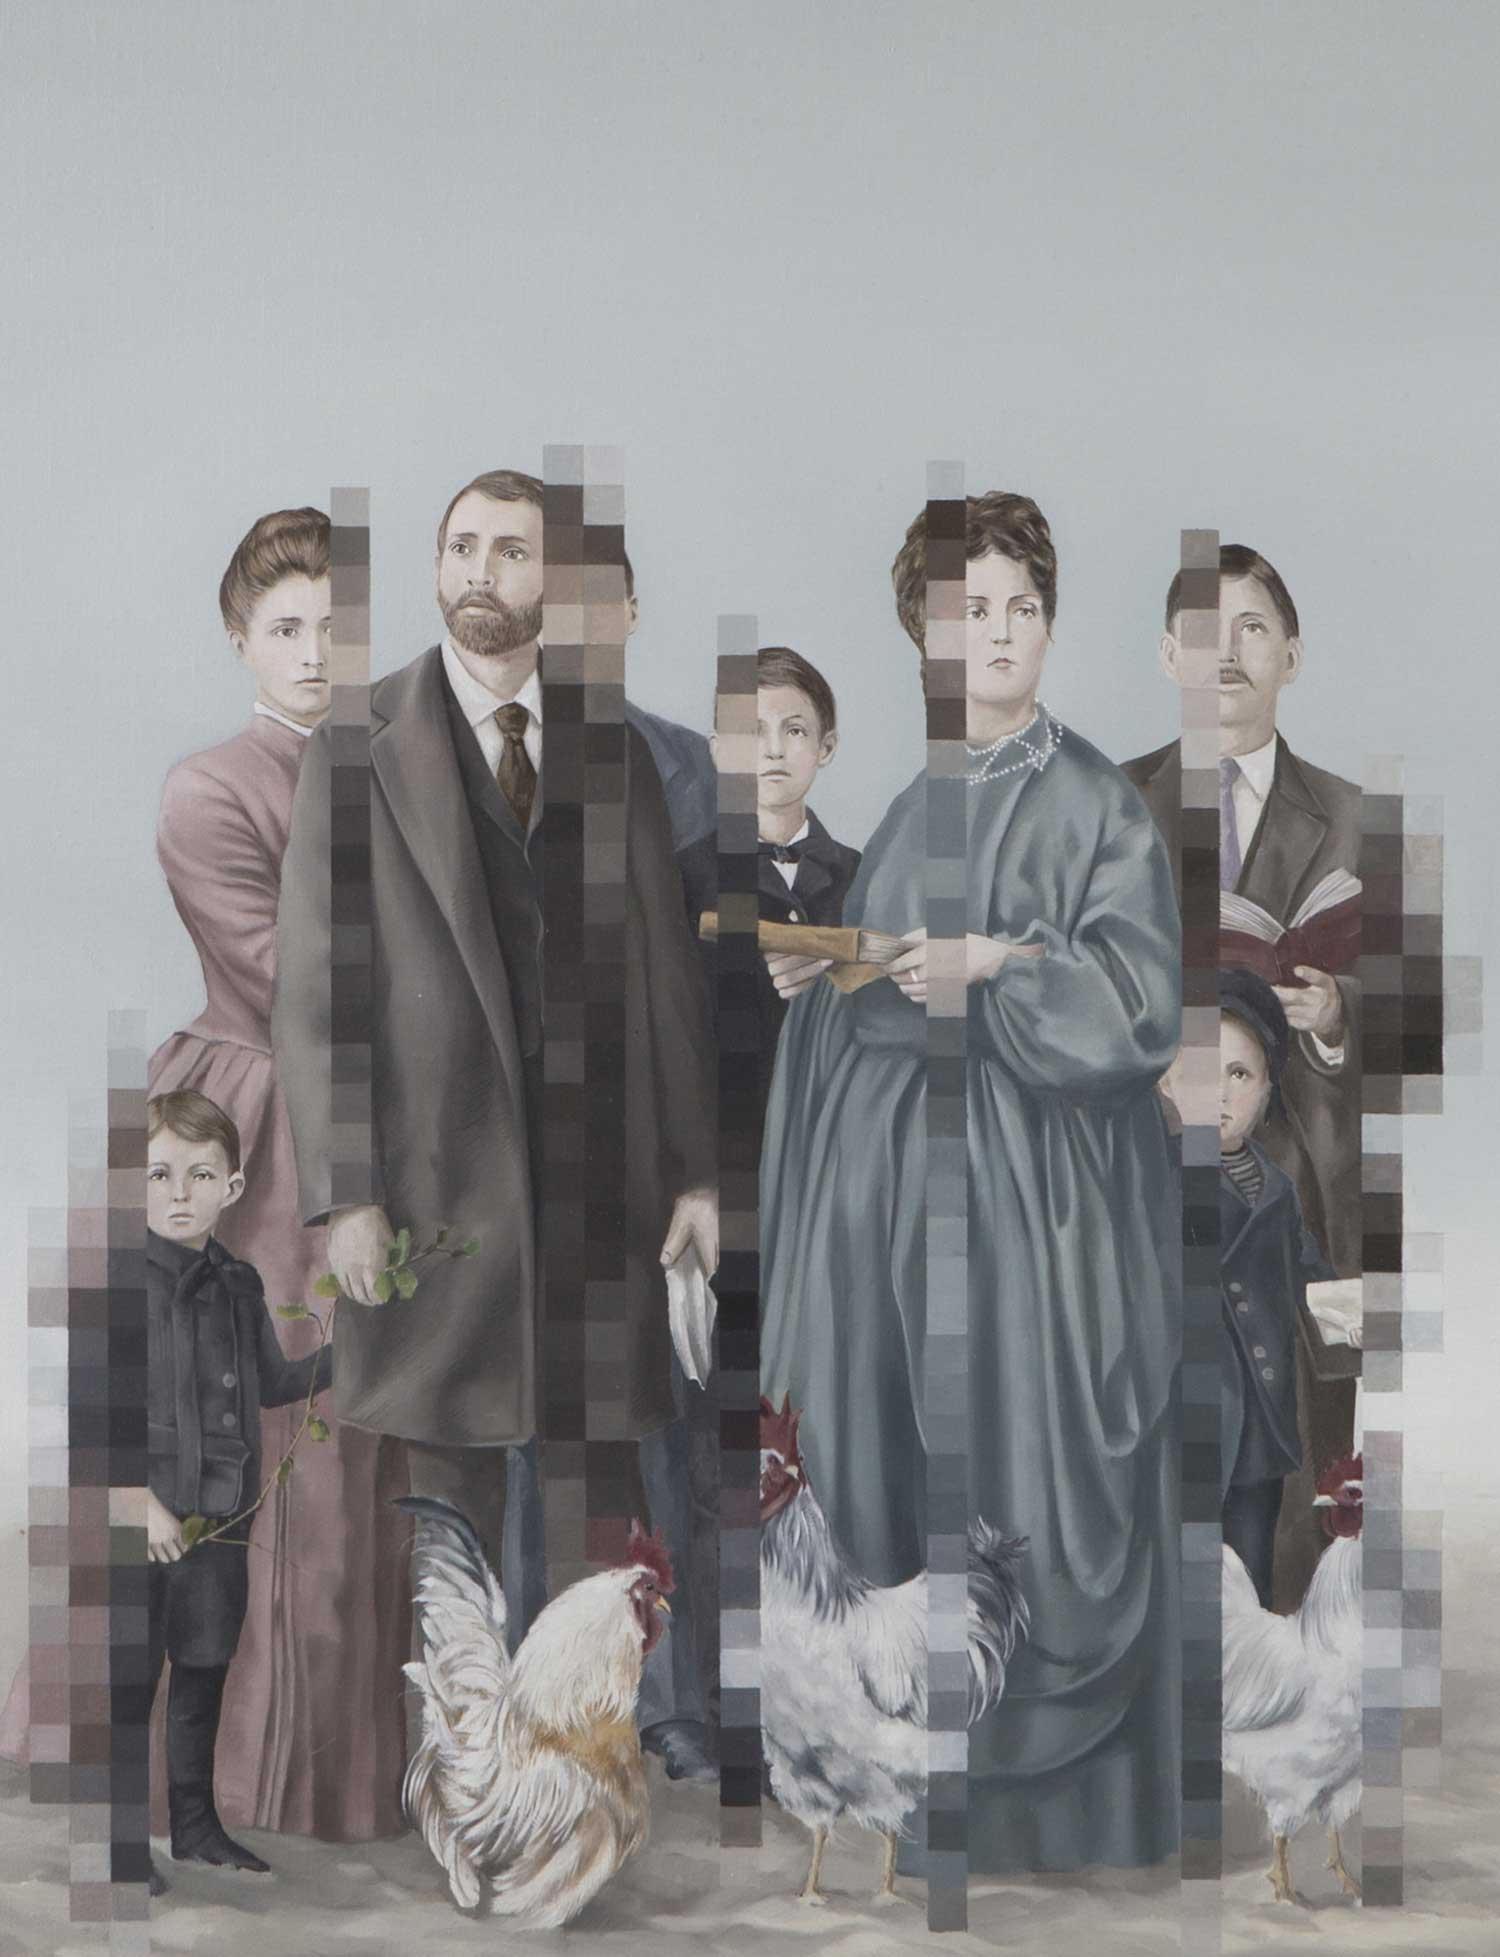 Klassisch anmutende Gemälde mit Verpixelungen Aldo-Sergio_02